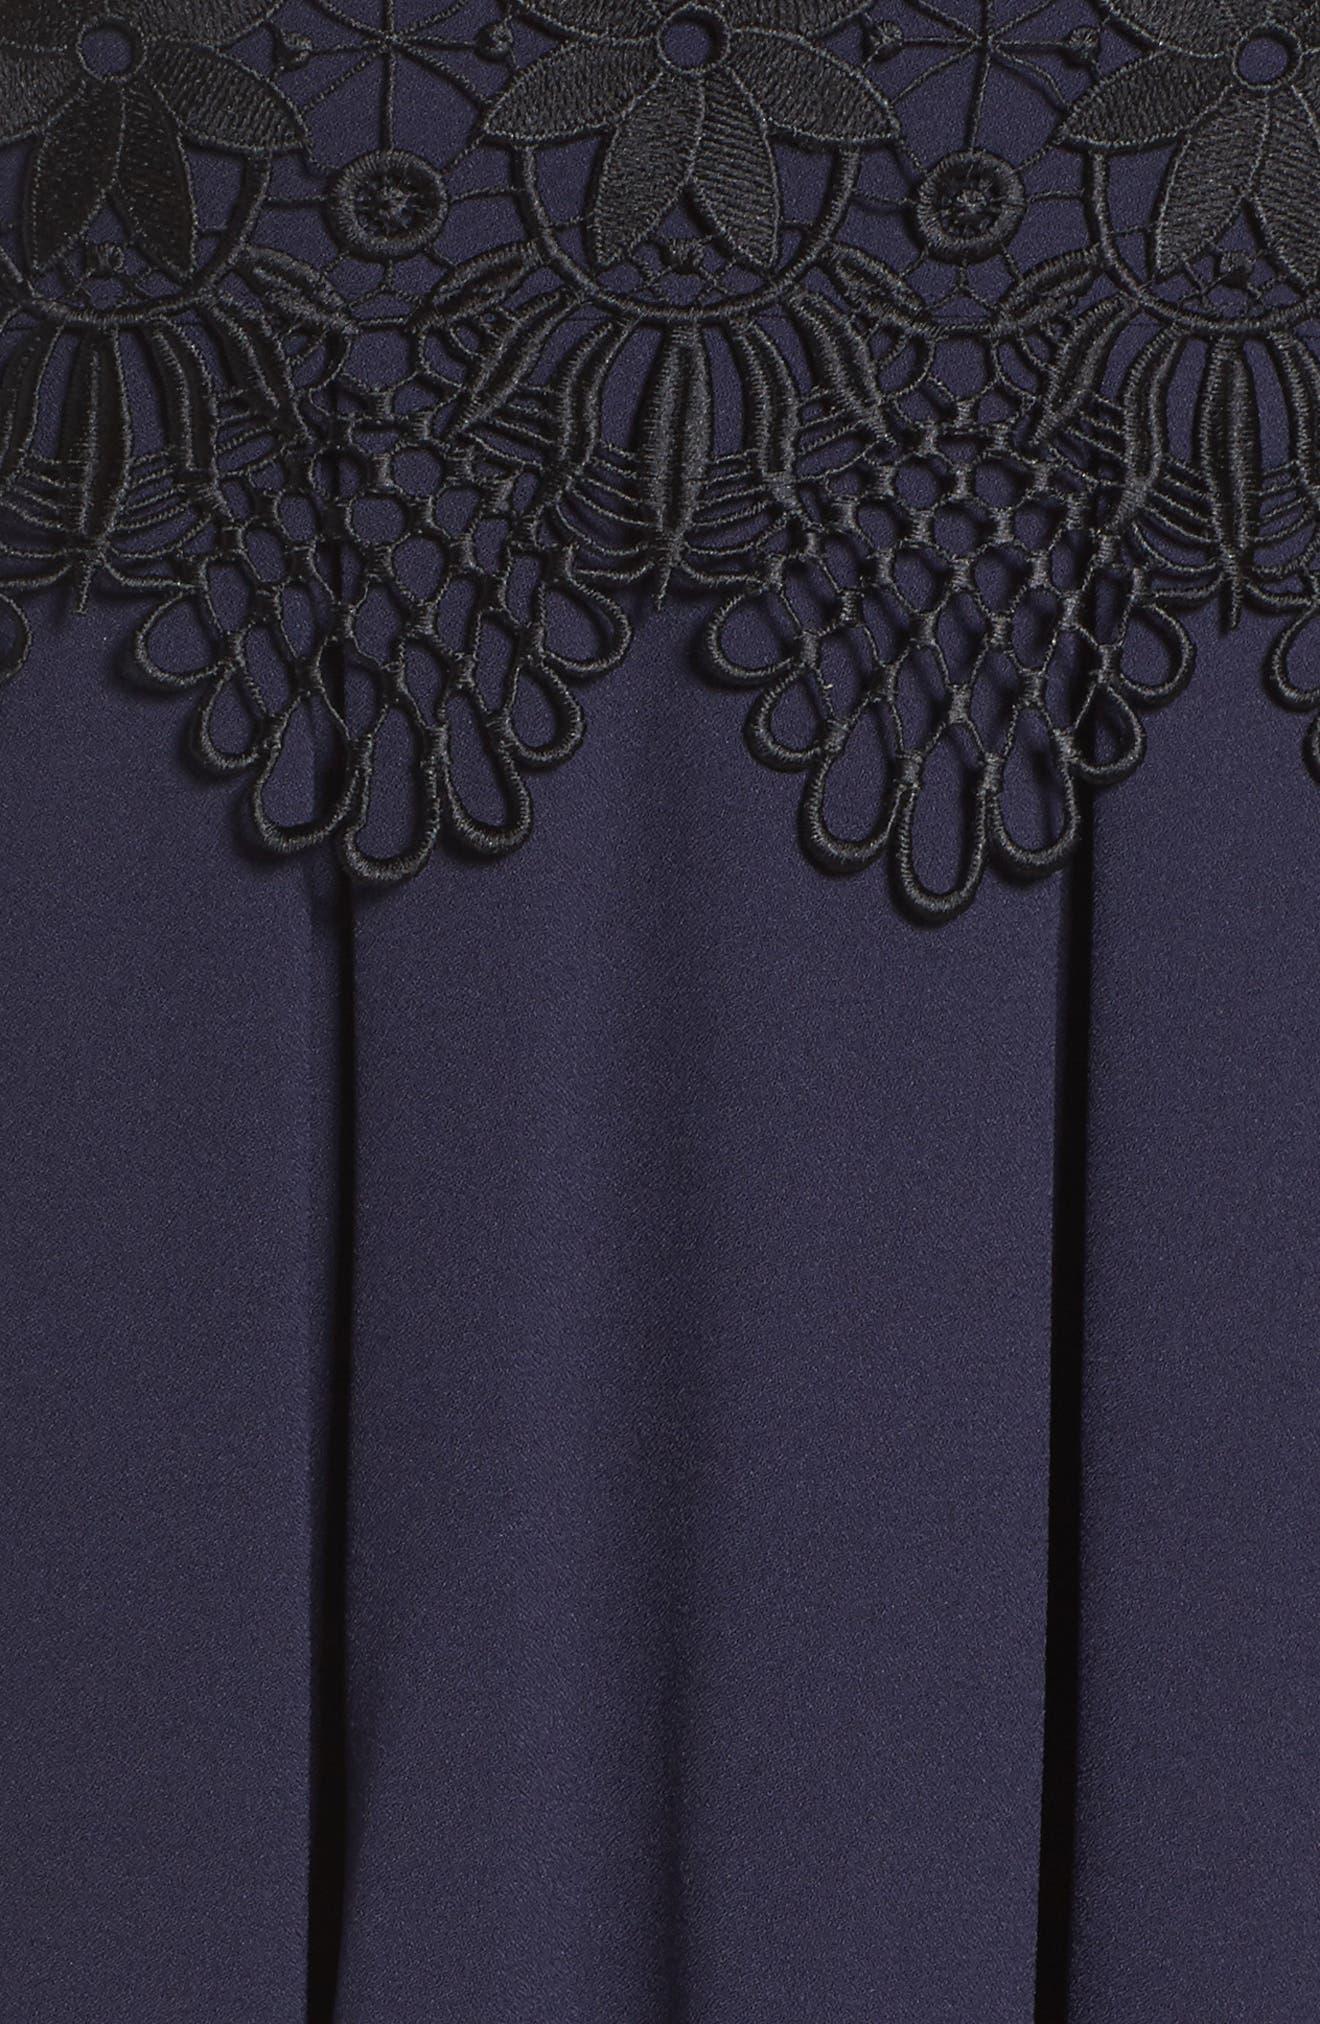 Lace Detail A-Line Dress,                             Alternate thumbnail 5, color,                             488